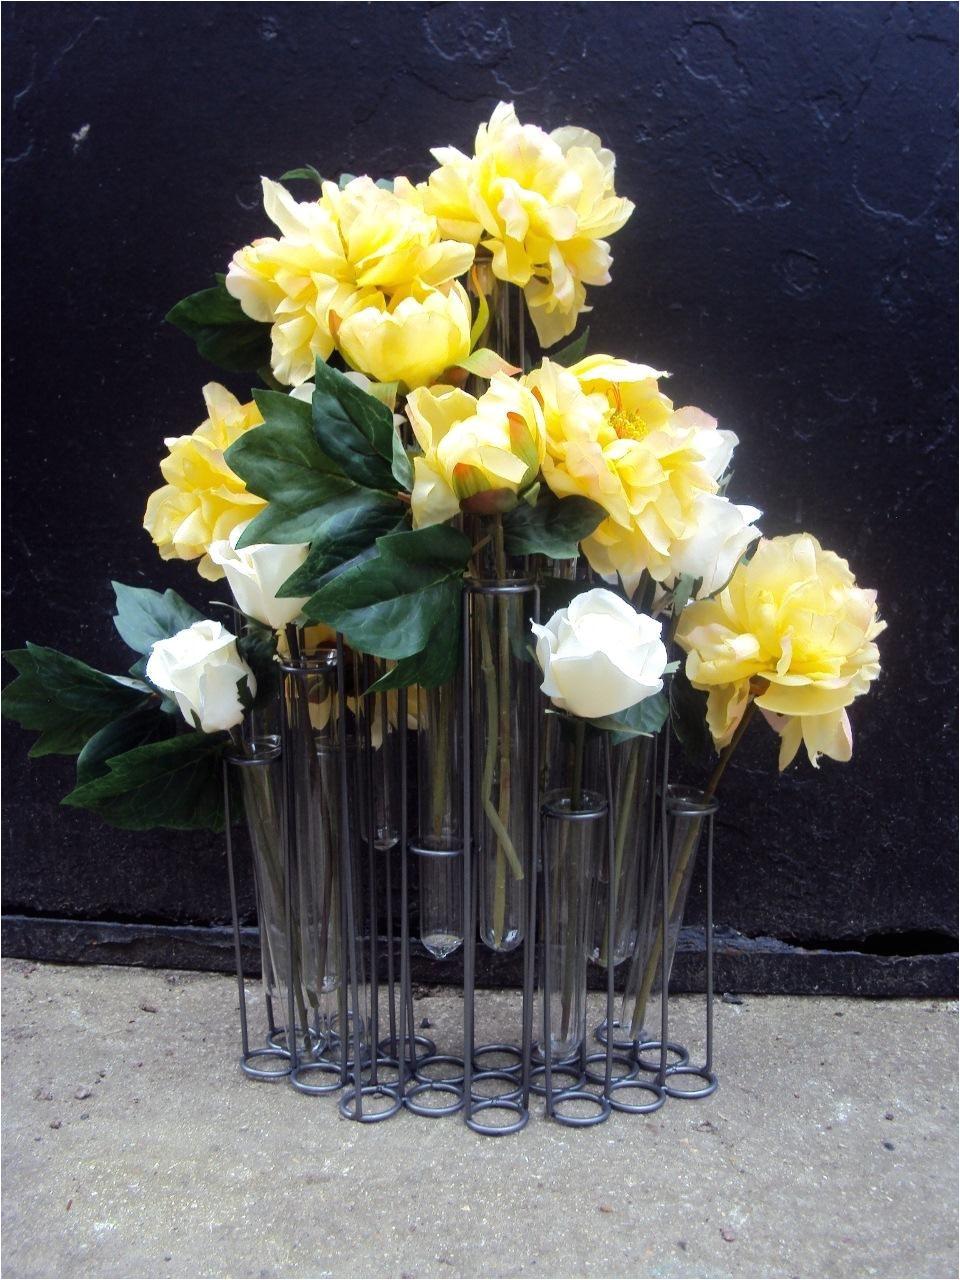 flores artificiales a arreglos florales a artifleurs art floral decoration http www artifleurs fleurs artificielles